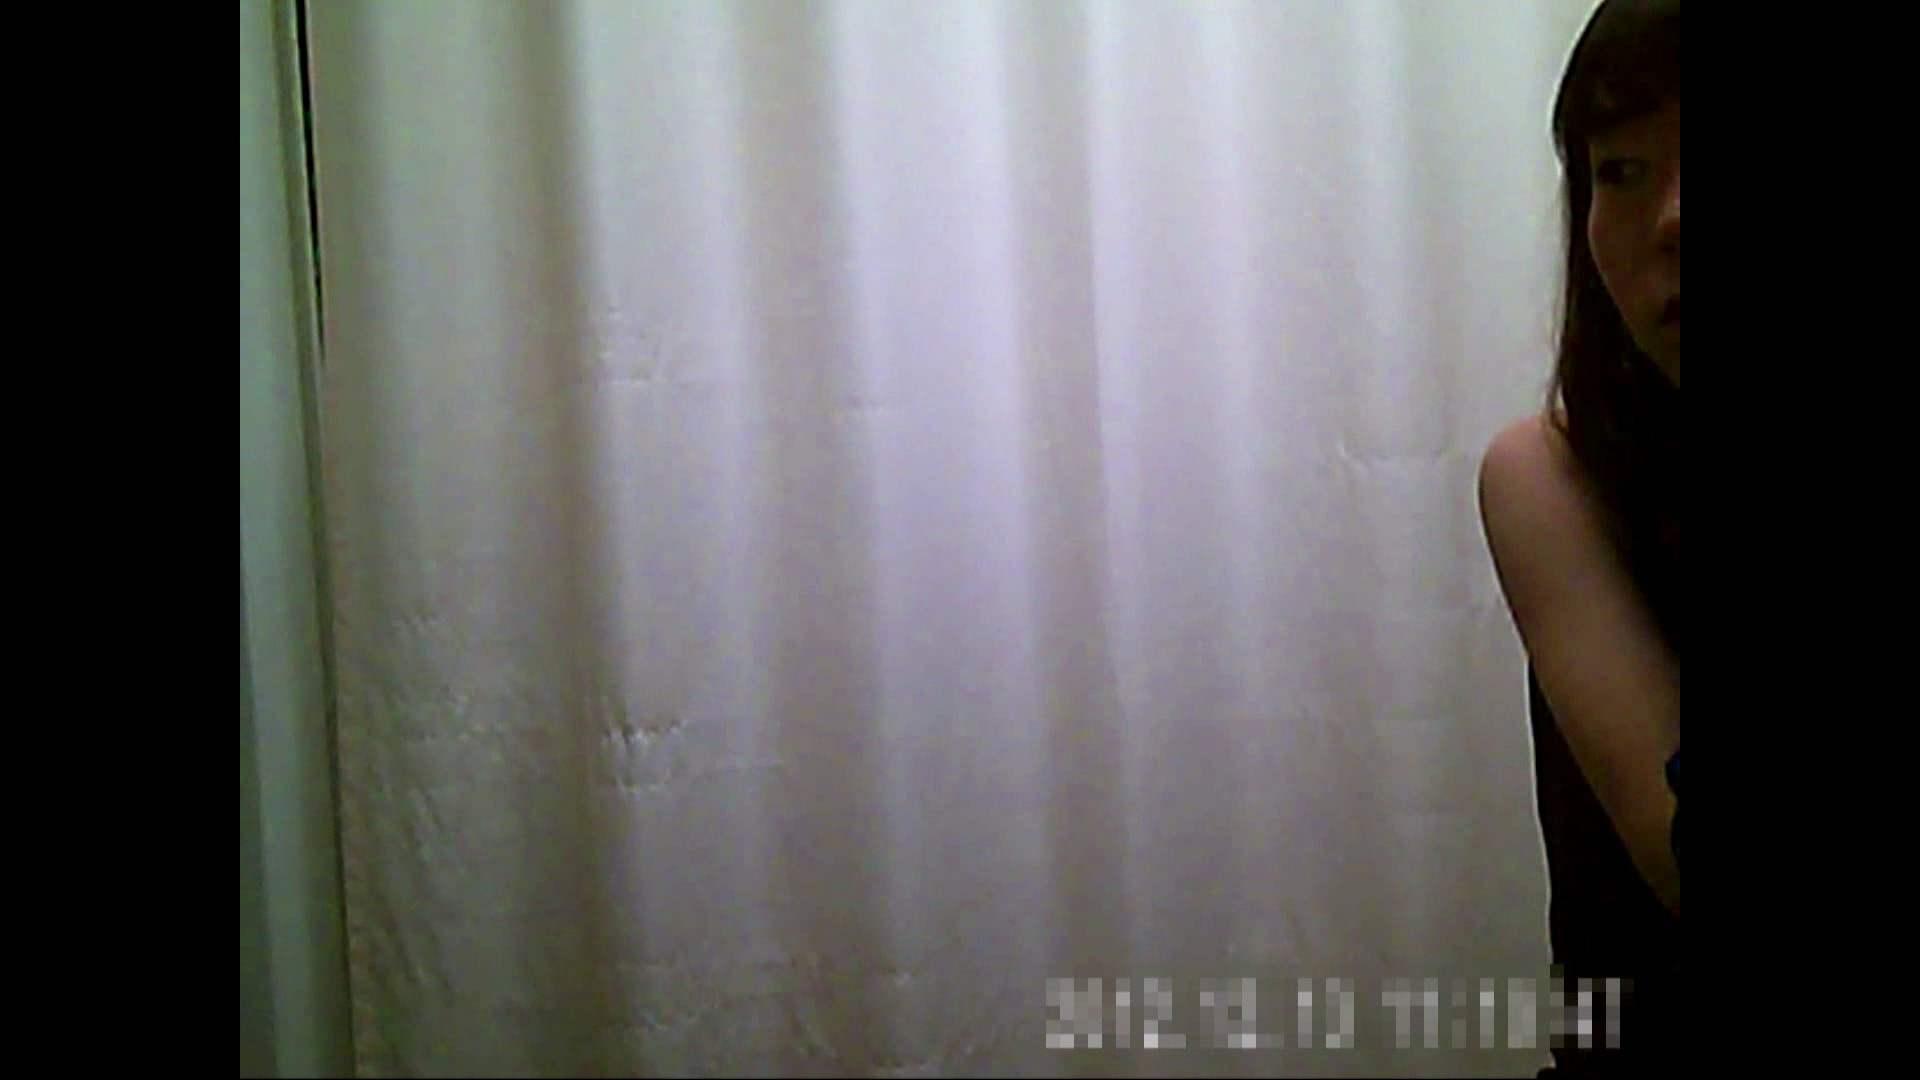 病院おもいっきり着替え! vol.176 盗撮師作品 おめこ無修正画像 94pic 94